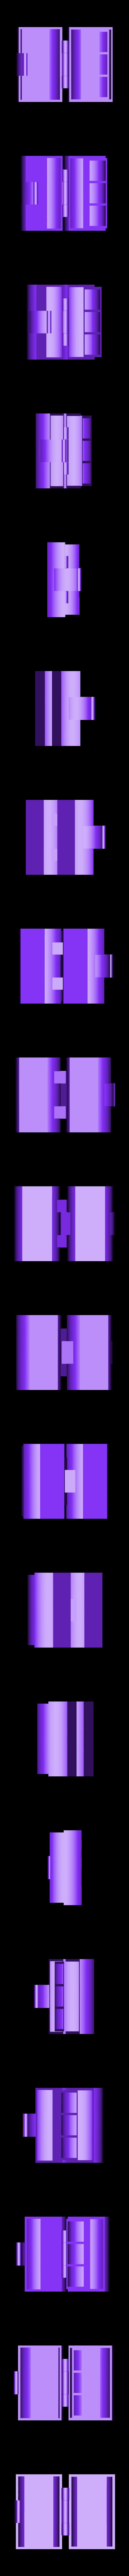 nozzle box.STL Download free STL file Nozzle Box • 3D printer template, Oliver0512